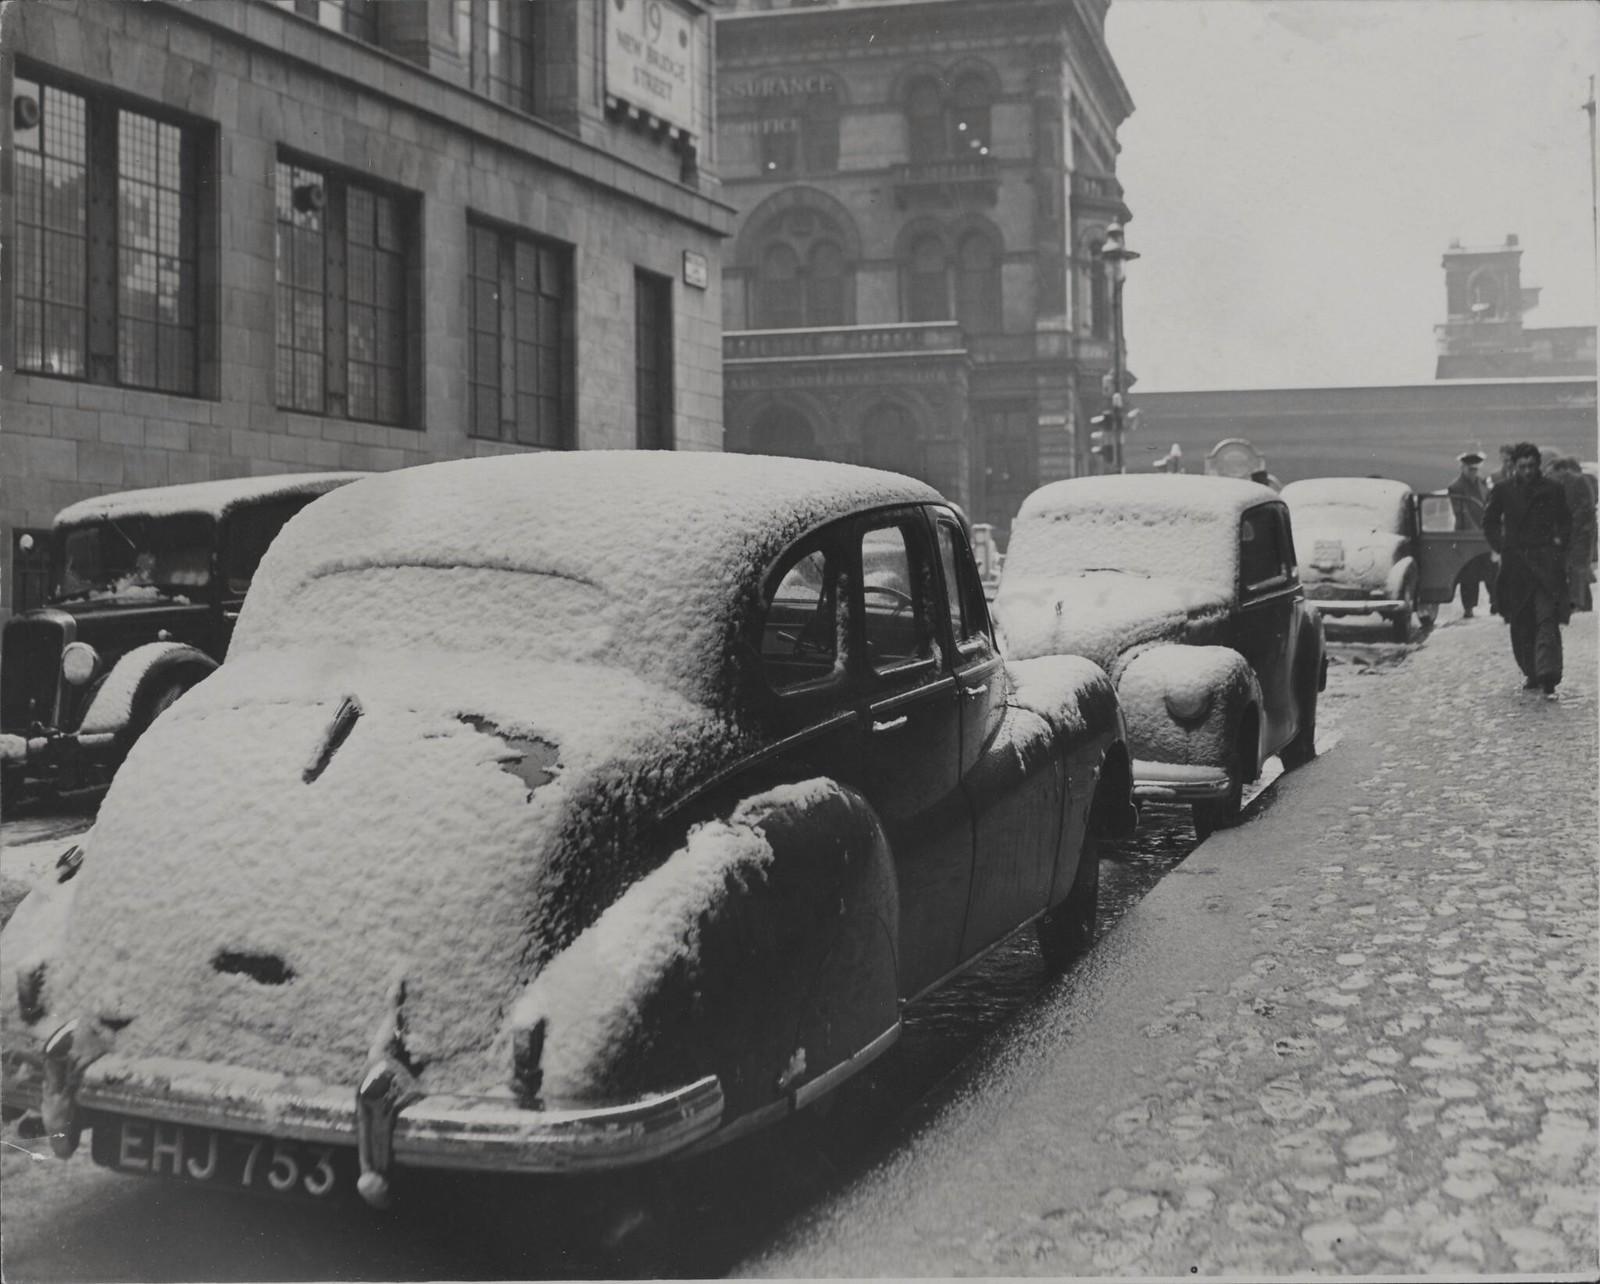 14. Лондон под снегом. Припаркованные автомобили покрыты снежным покрывалом, поскольку сегодня утром (понедельник) на лондонский Сити внезапно обрушился снегопад. На улице Кингскот (от улицы Тюдор)